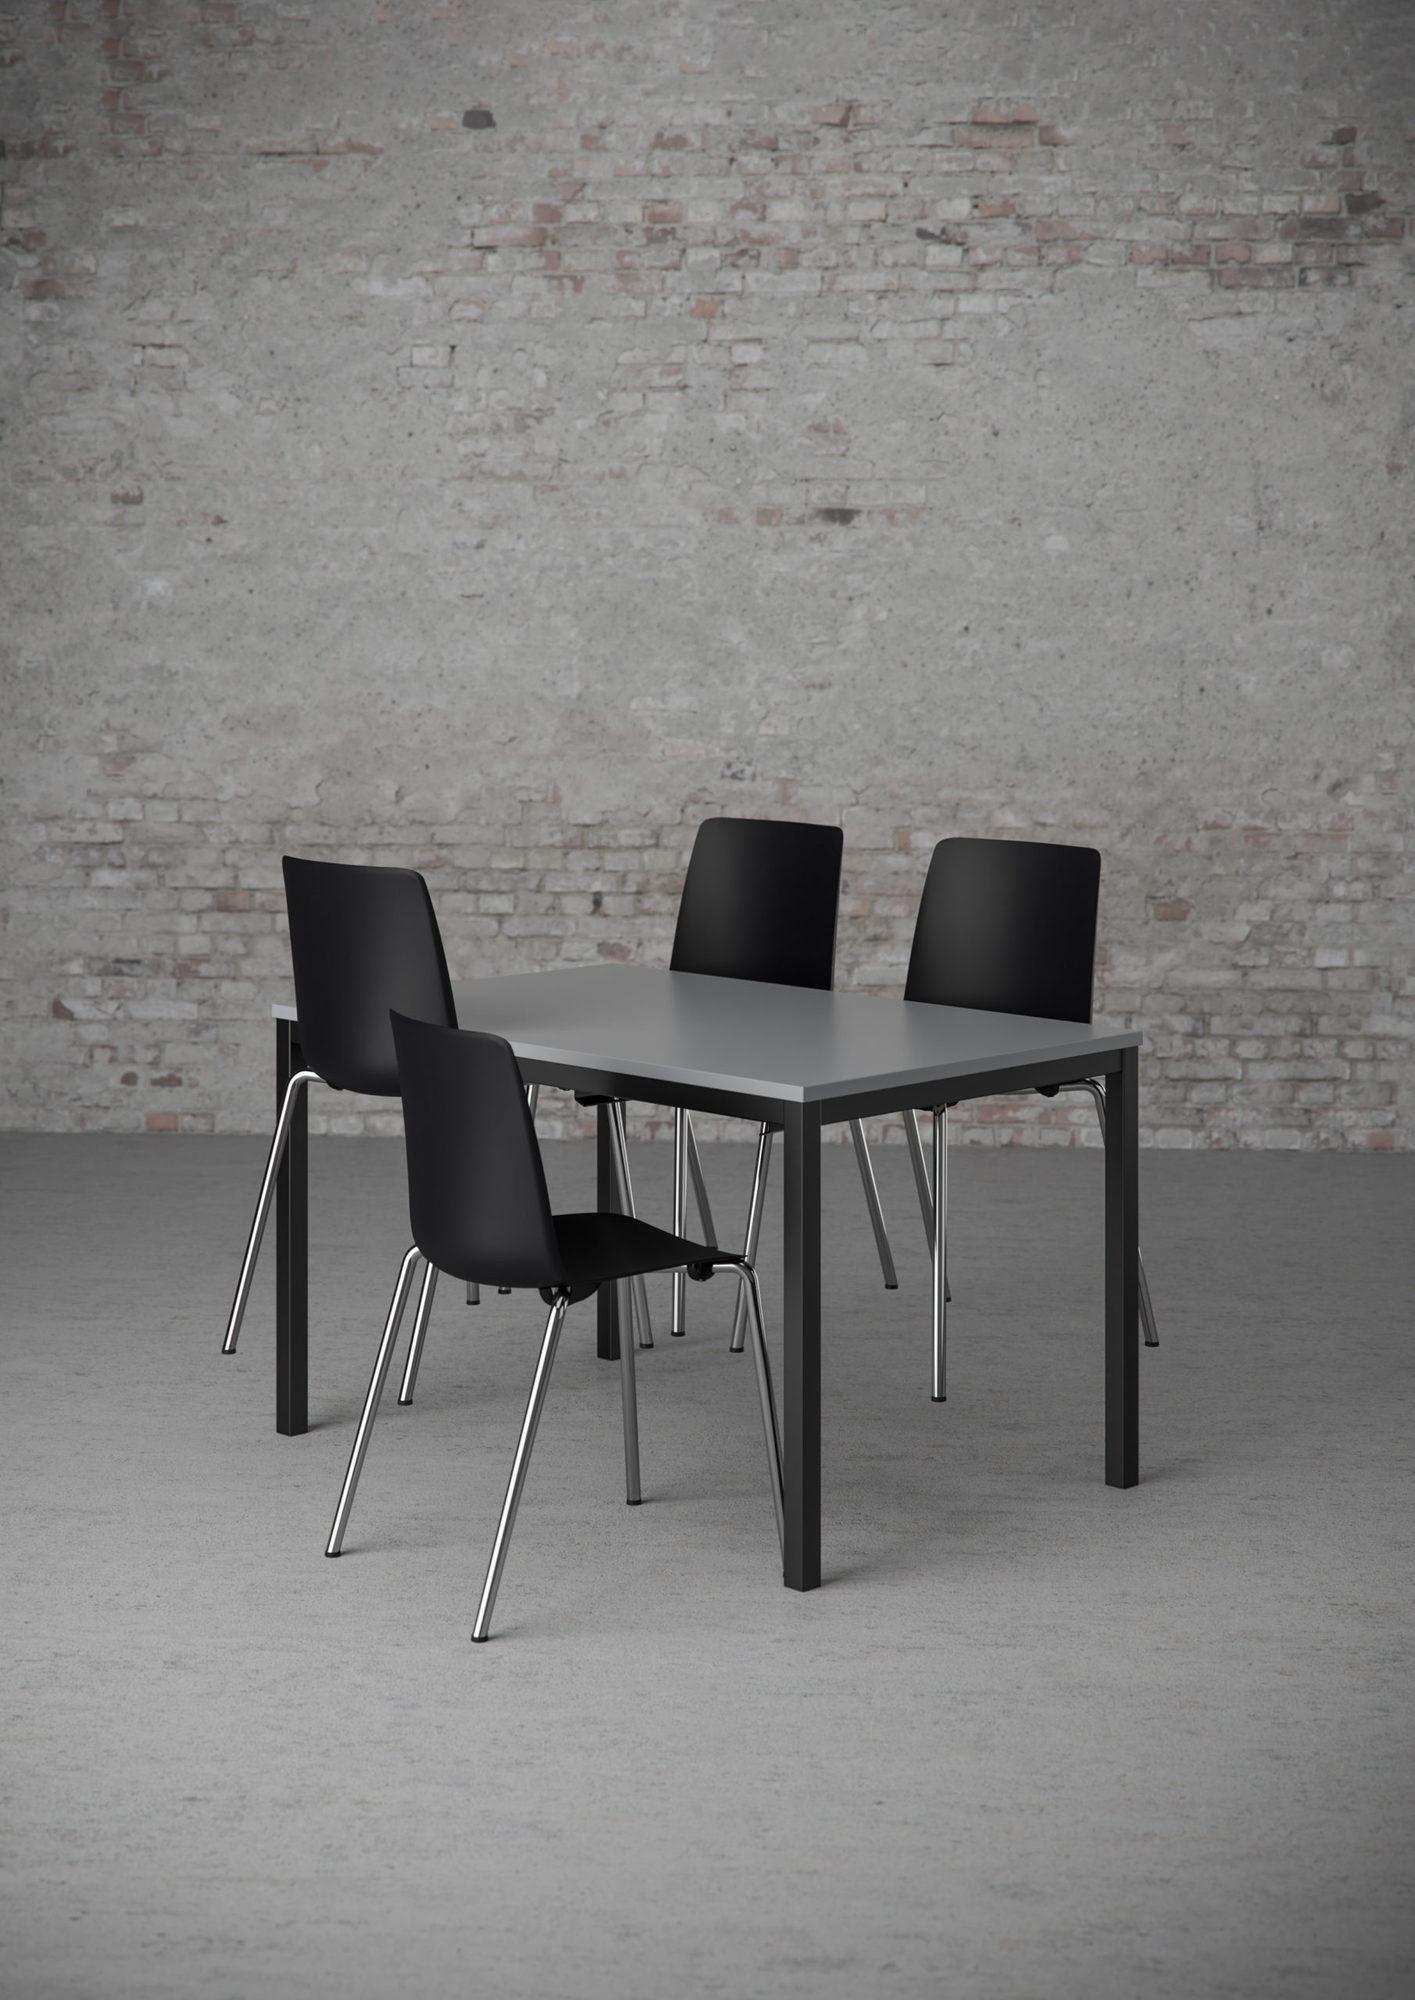 Cube Design - kantinebord - kantinestol - Vesper - skalstol - stoleophæng